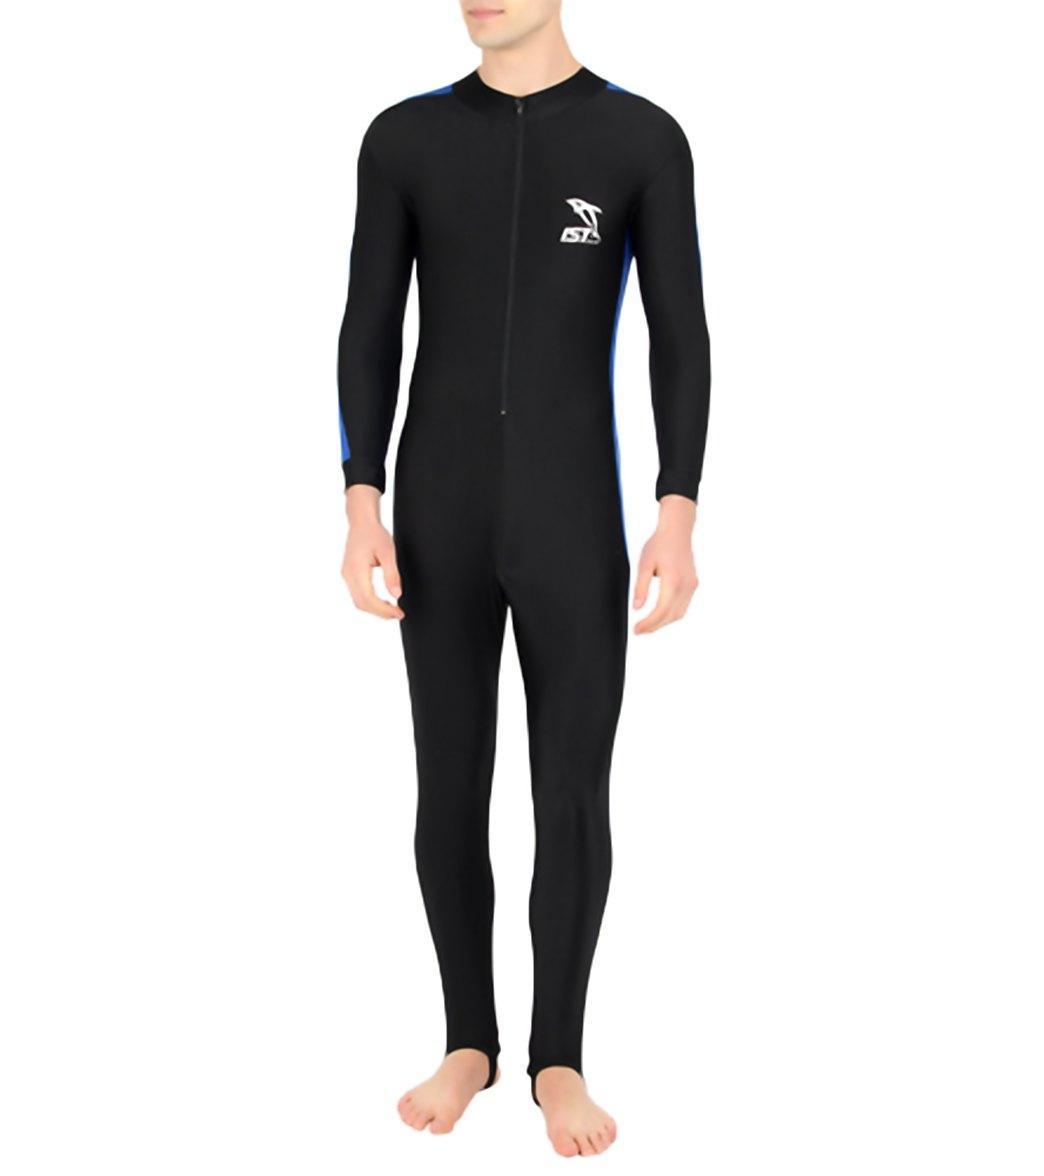 2d0ea49746 IST Men's Dive Skin Suit